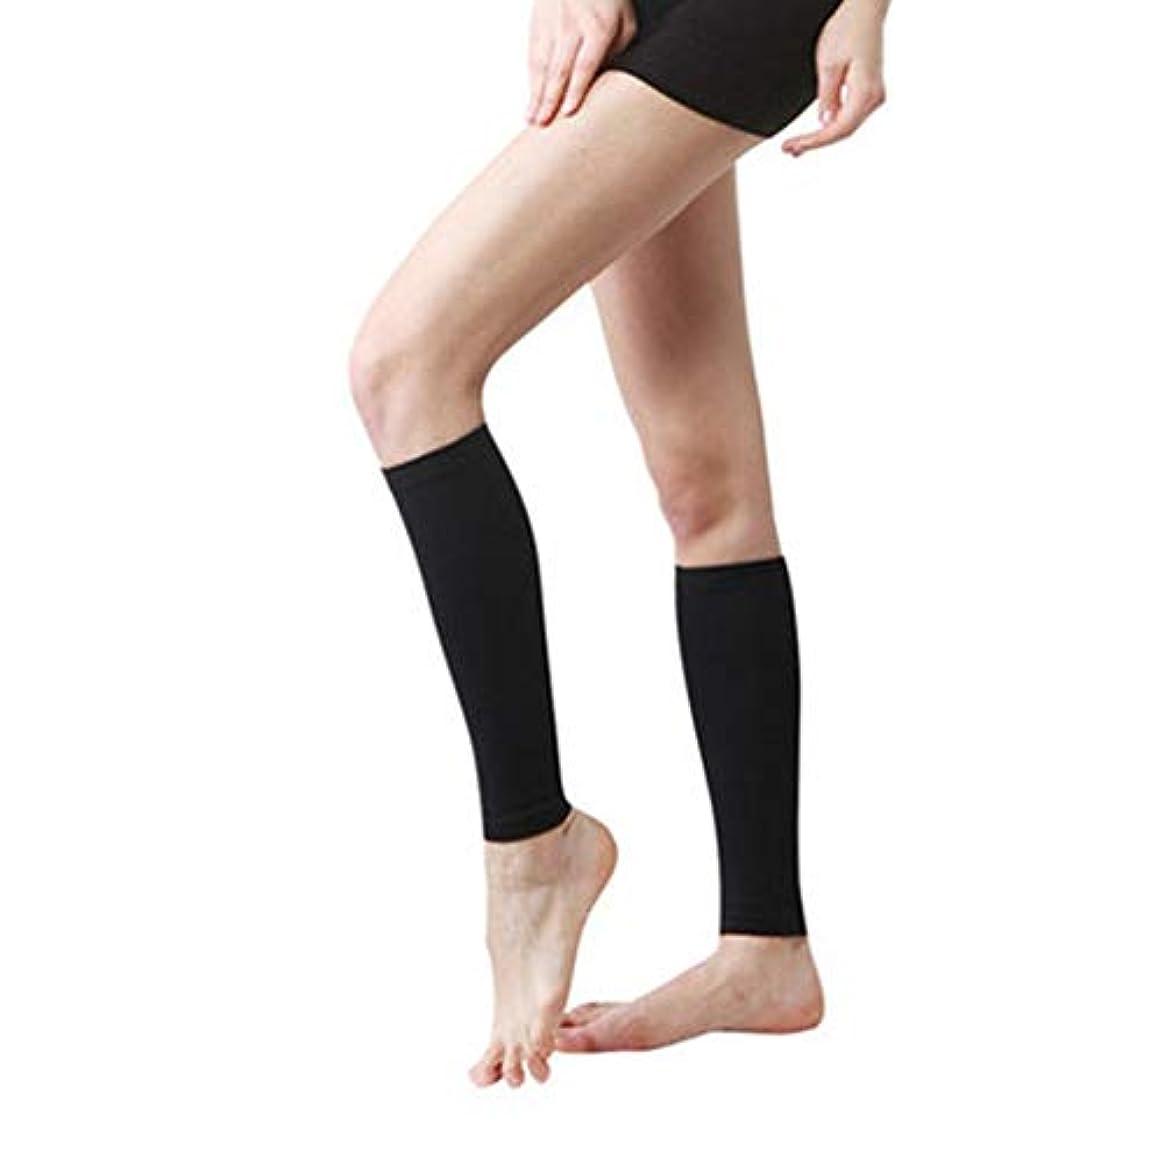 お手入れポスター肩をすくめる丈夫な男性女性プロの圧縮靴下通気性のある旅行活動看護師用シンススプリントフライトトラベル - ブラック